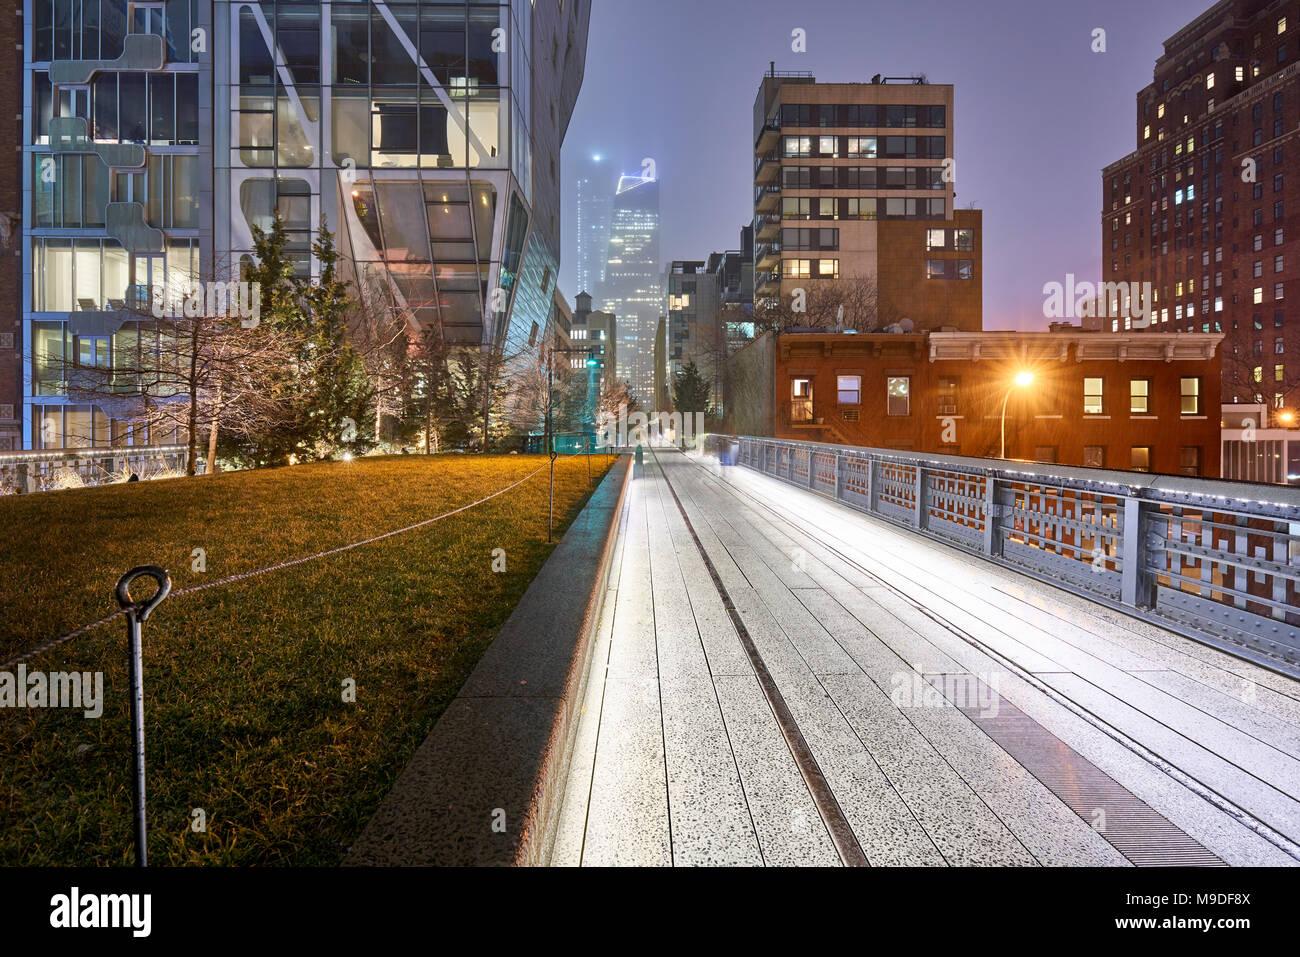 El Highline en Chelsea en la noche en un día de lluvia en invierno. Manhattan, Ciudad de Nueva York Imagen De Stock